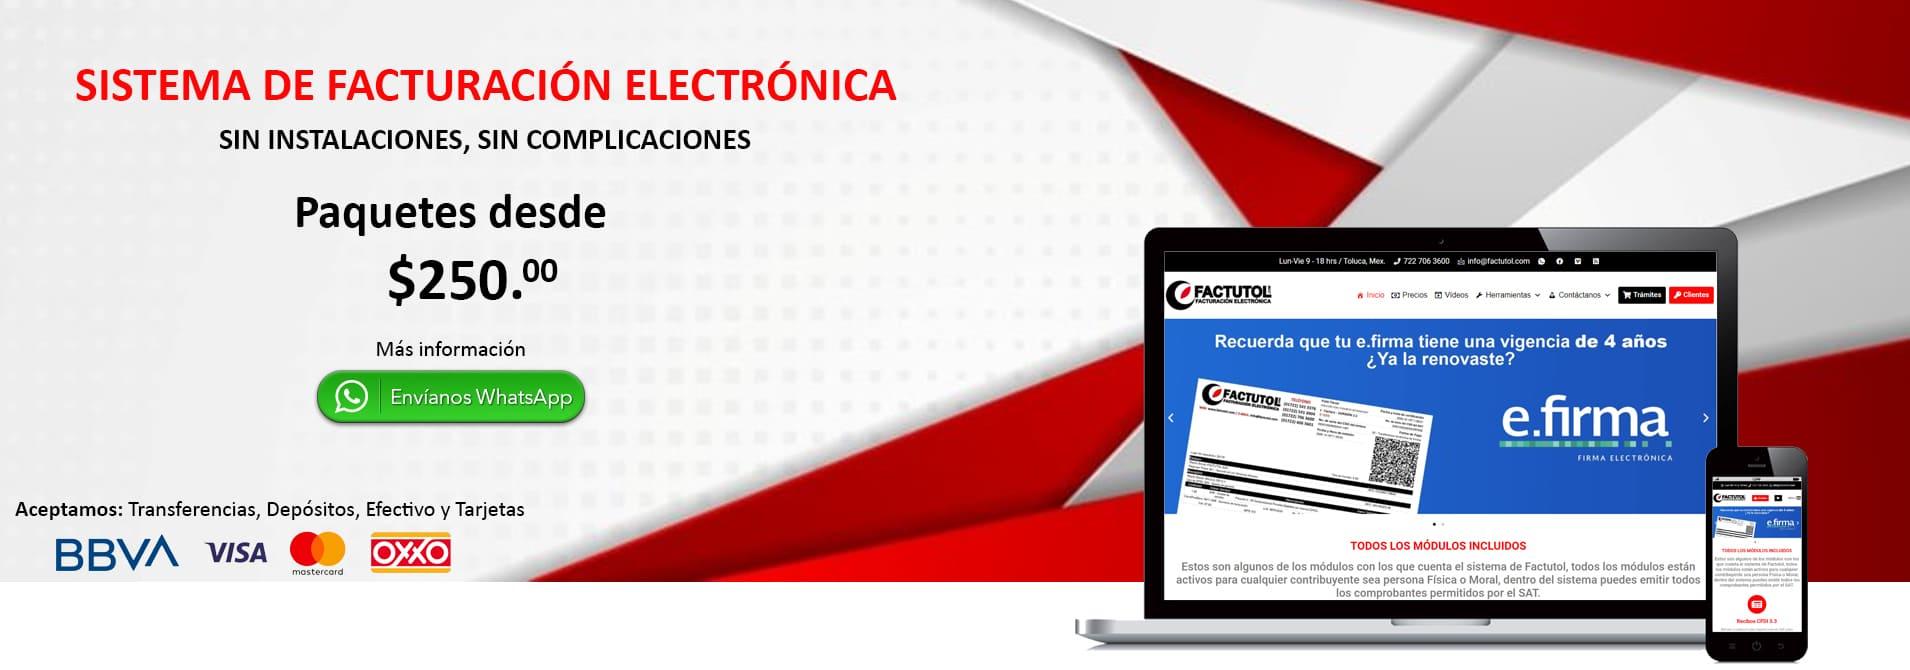 Sistema de Facturación Electronica en México min